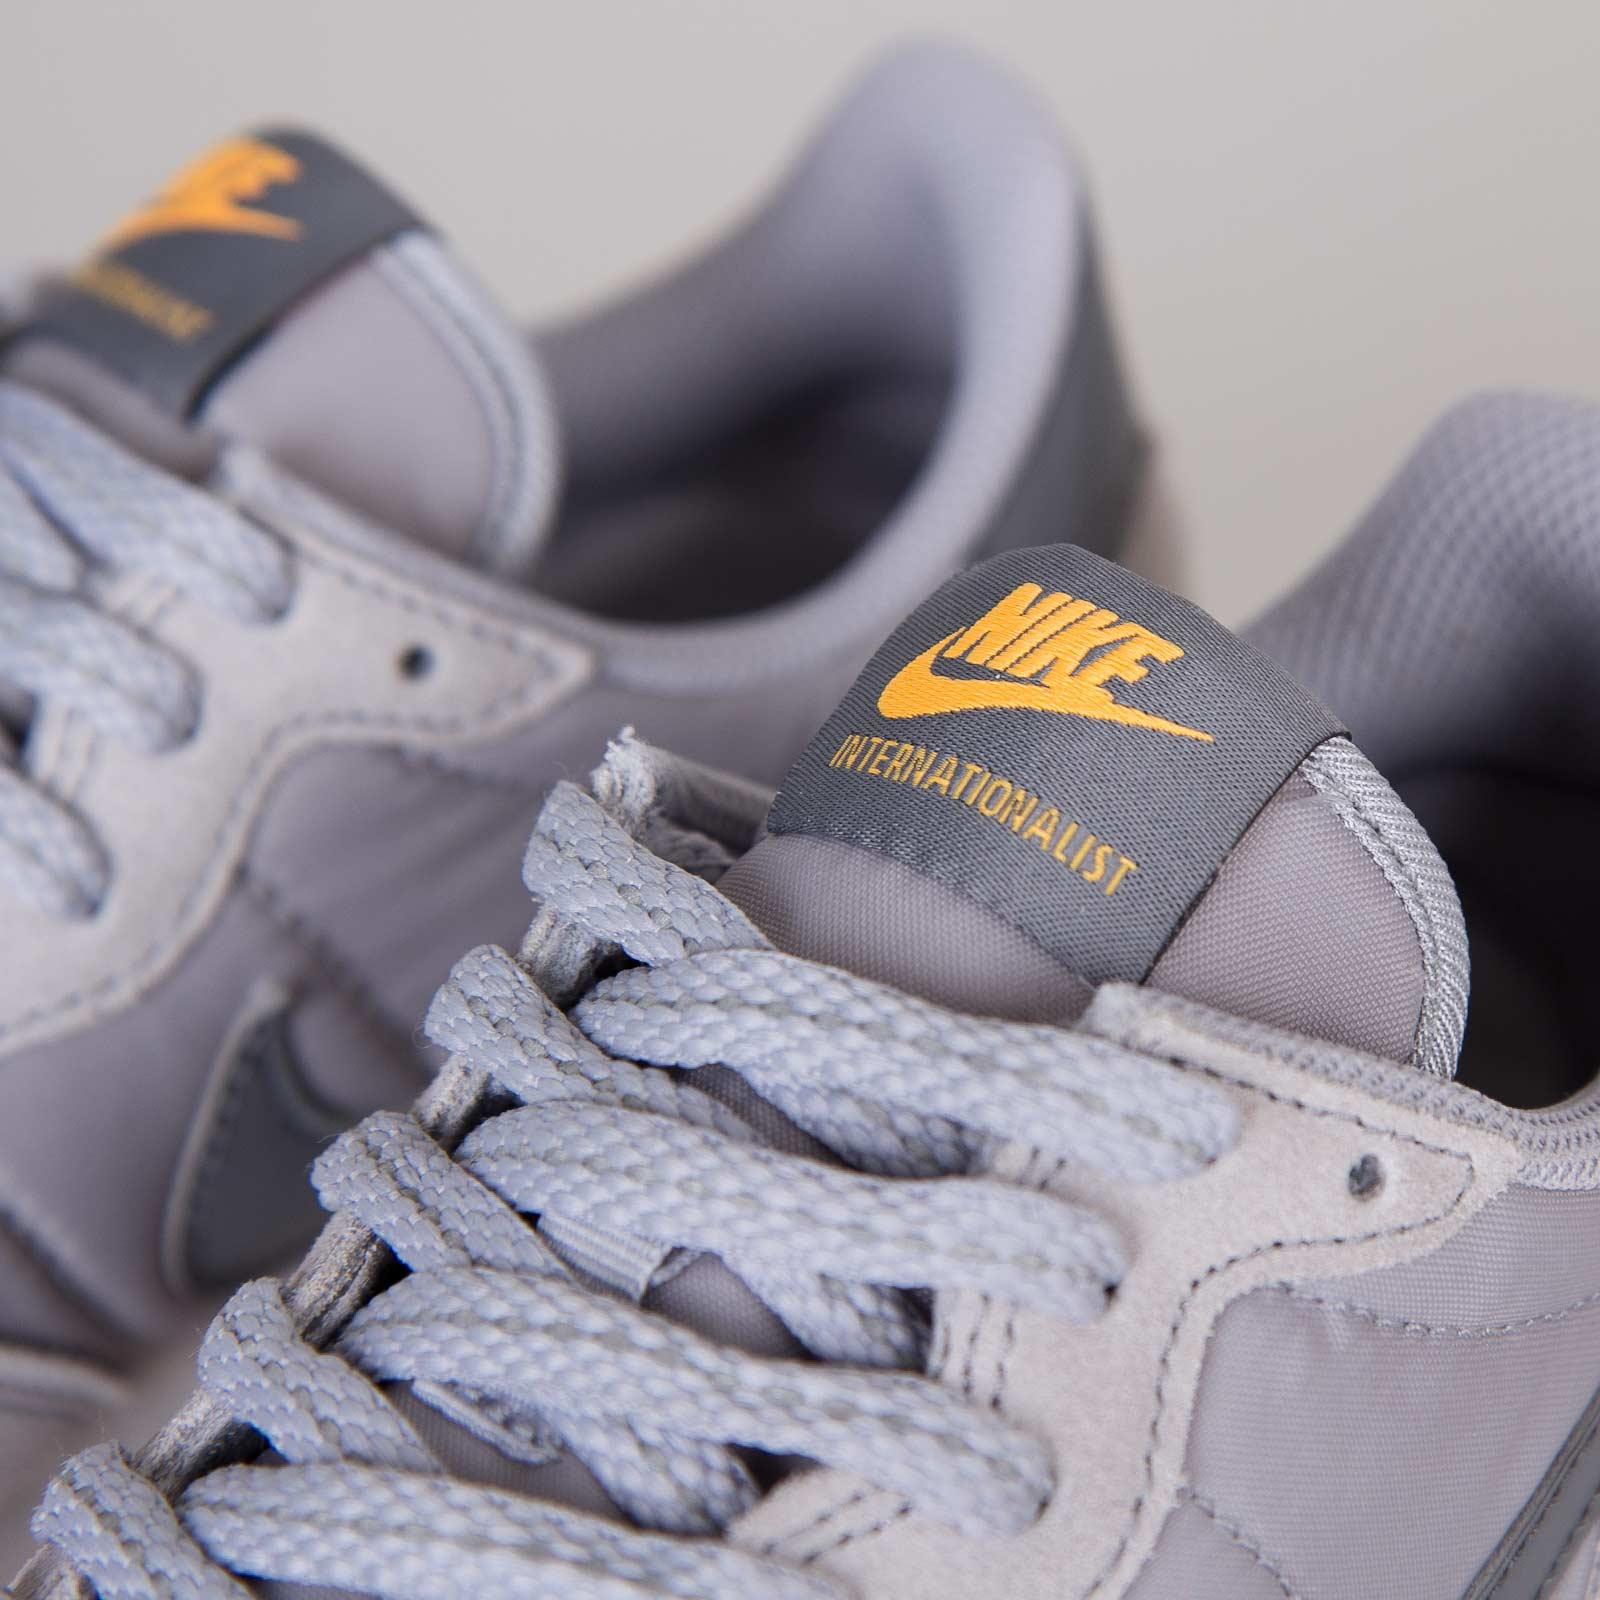 finest selection e9859 d8549 Nike Wmns Internationalist - 629684-001 - Sneakersnstuff   sneakers    streetwear online since 1999